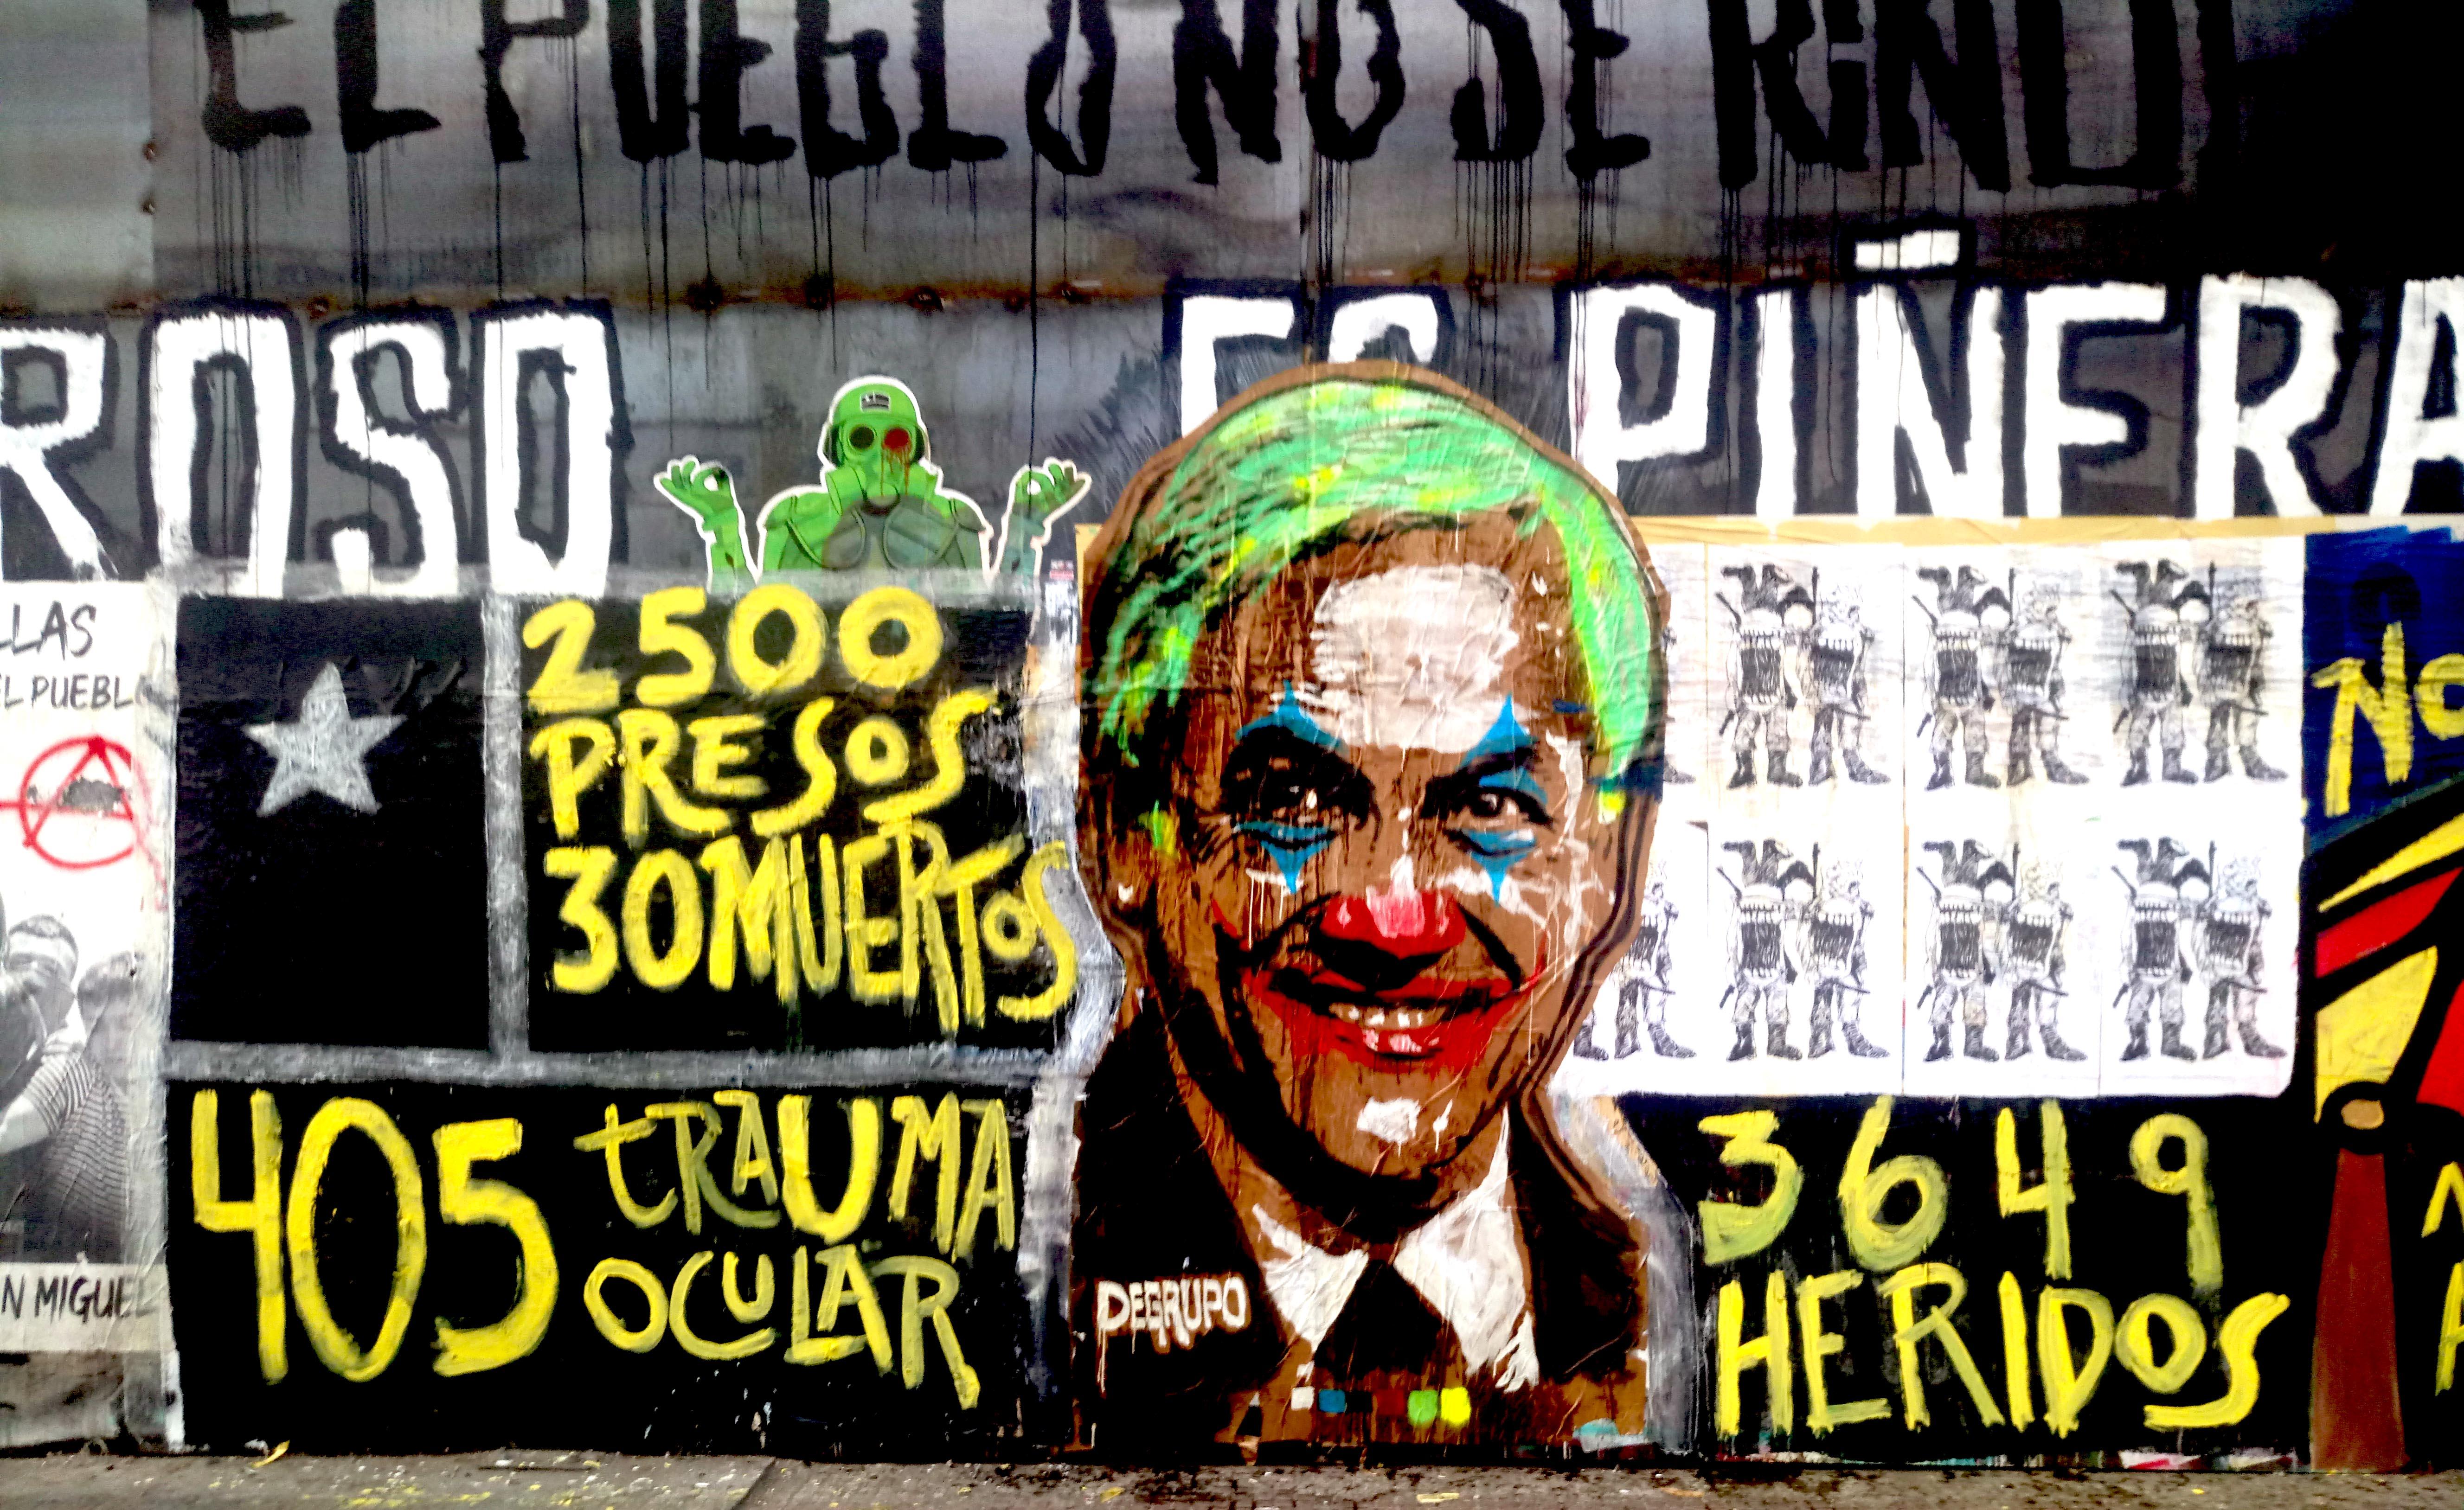 Piñera podría ser investigado por delitos de lesa humanidad en Corte Penal Internacional